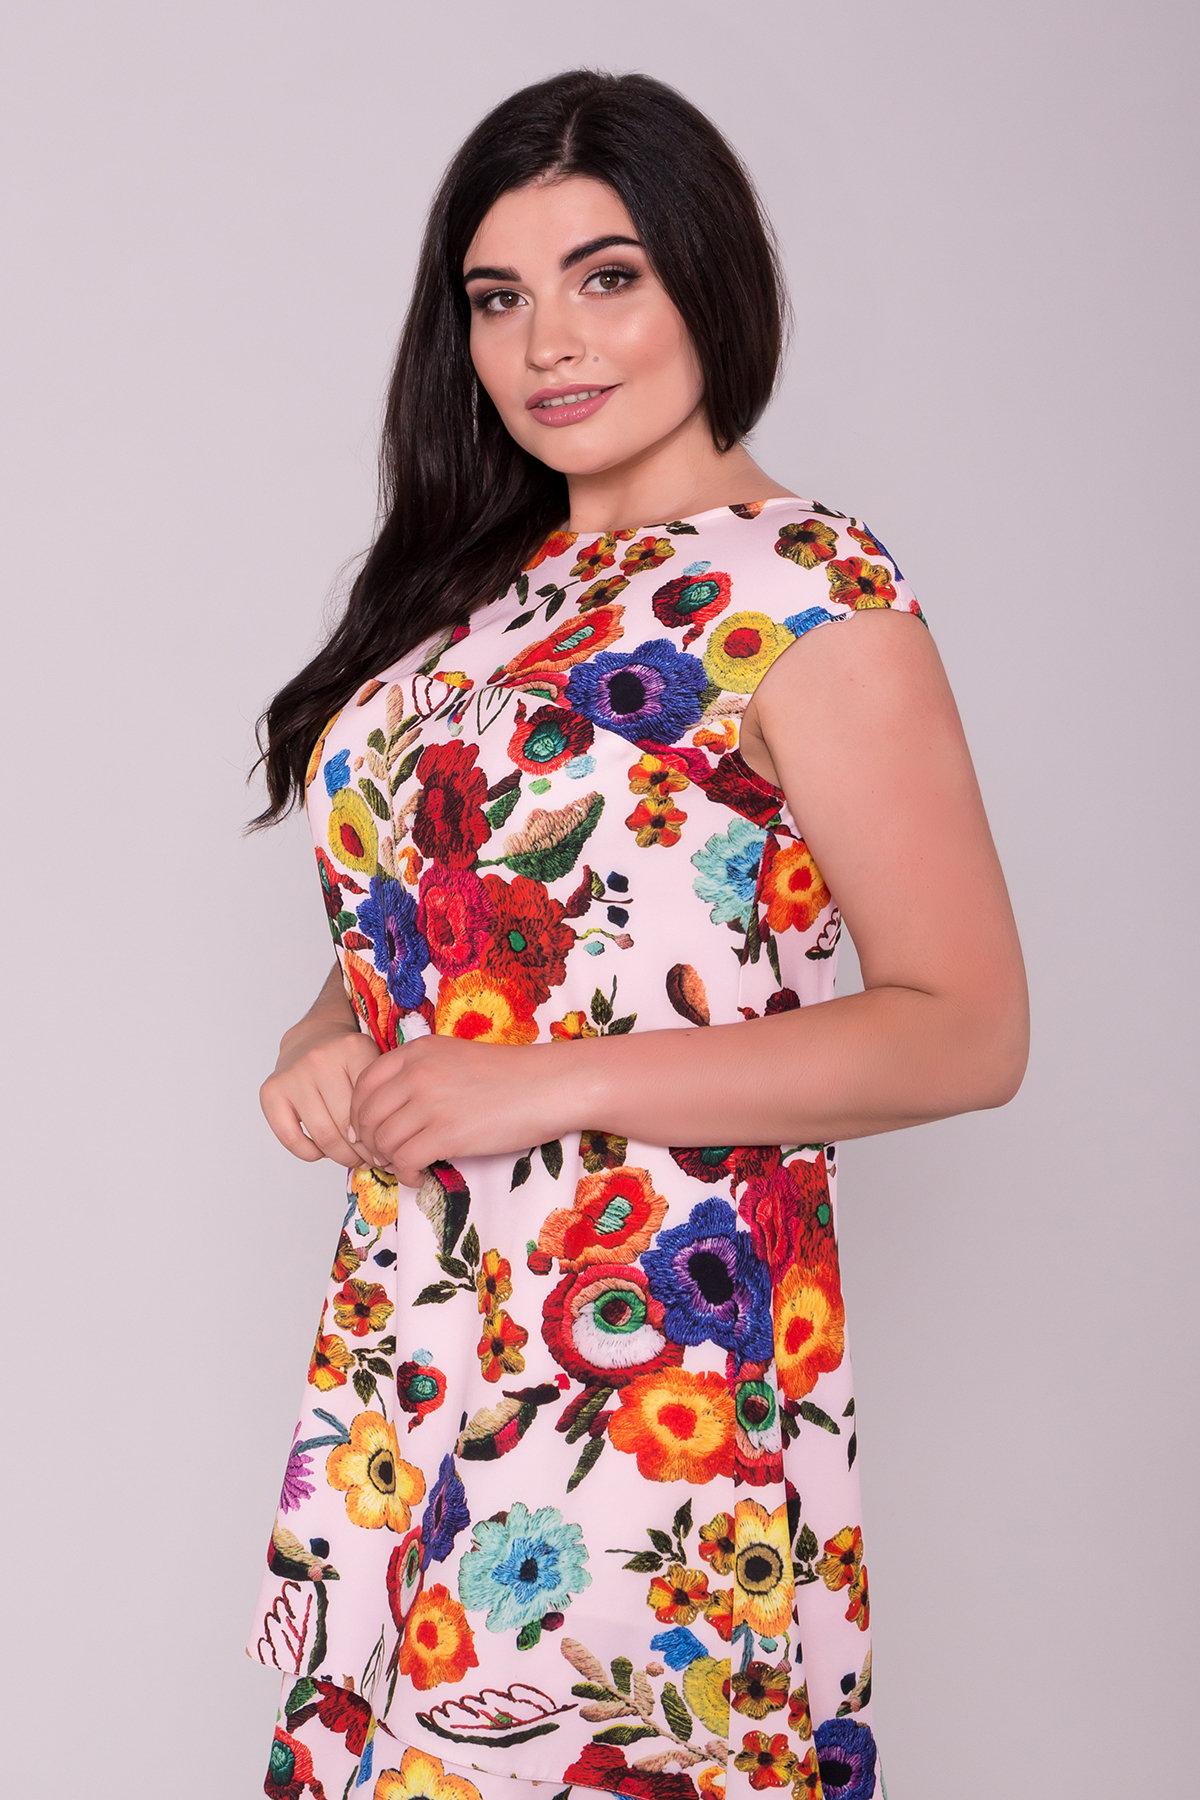 Платье Делафер DONNA 6885 АРТ. 43035 Цвет: Цветы комби розовый св - фото 3, интернет магазин tm-modus.ru